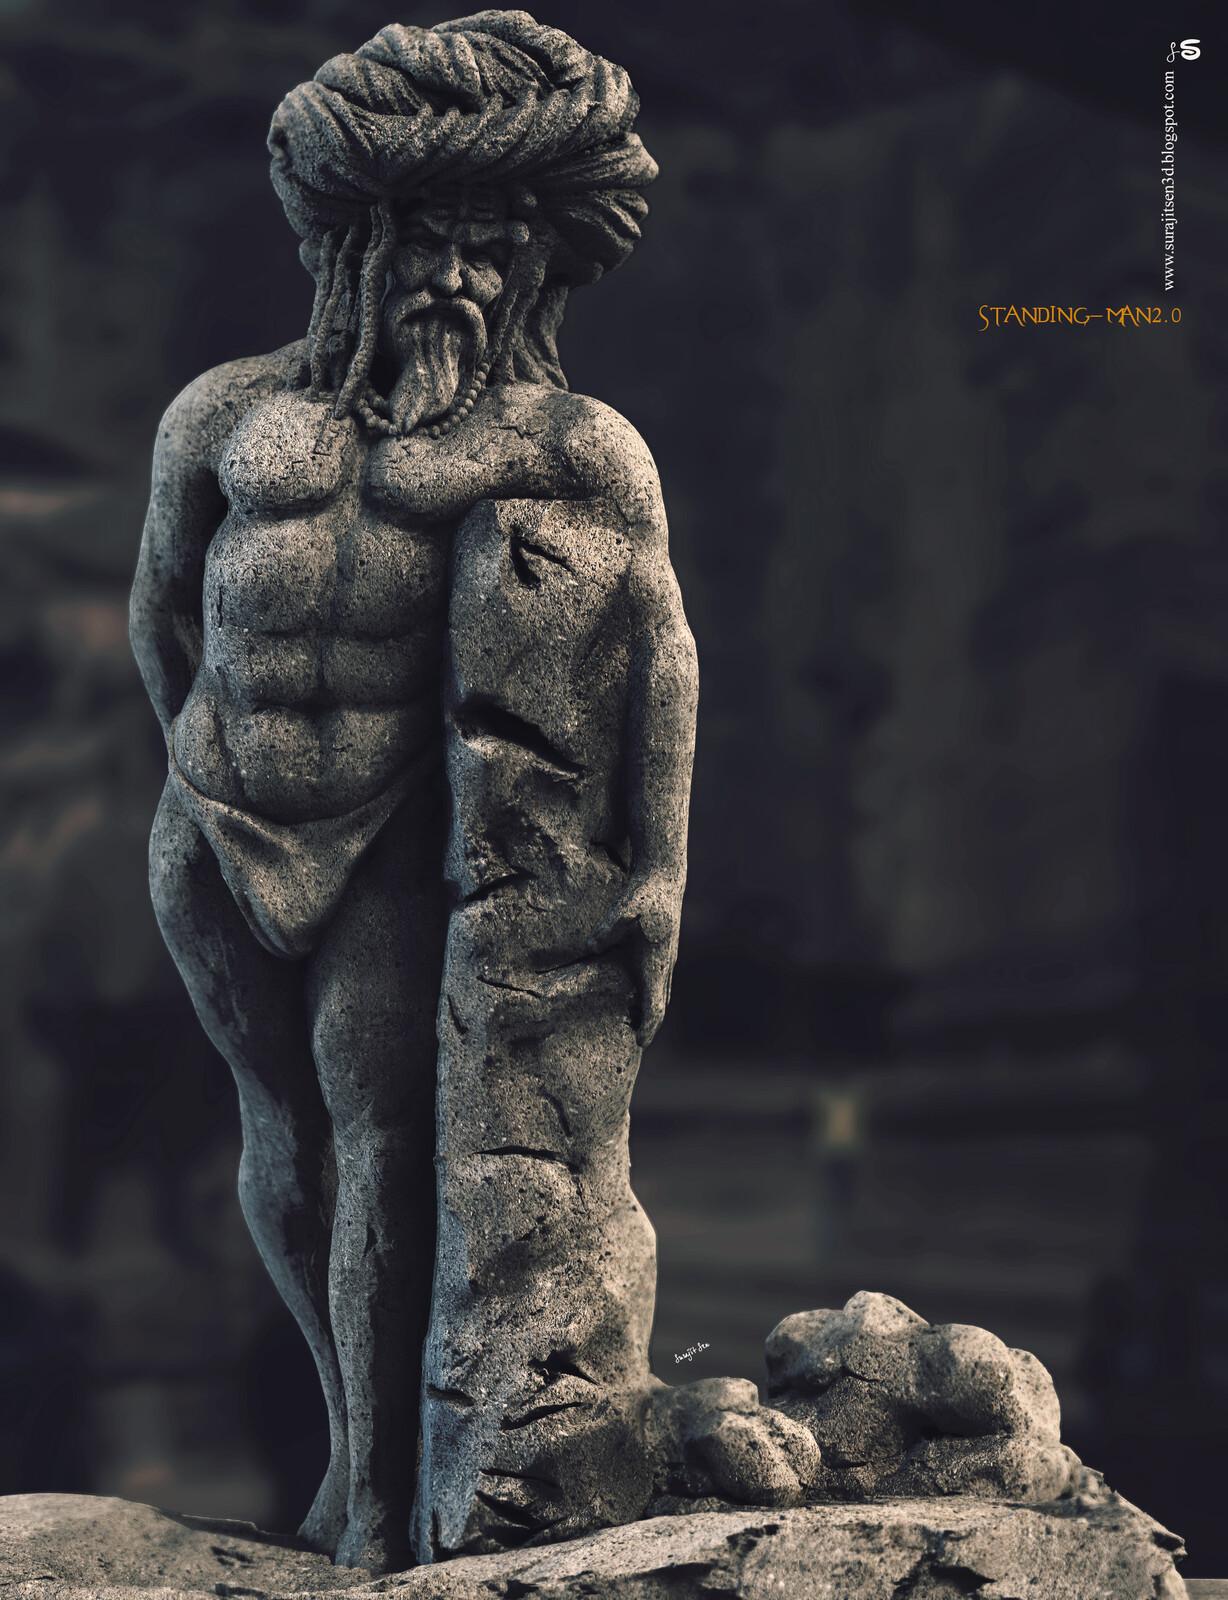 Standing Man2.0 Study work. Digital Sculpture. Updated version one of my Sculptures. Background music- #hanszimmermusic